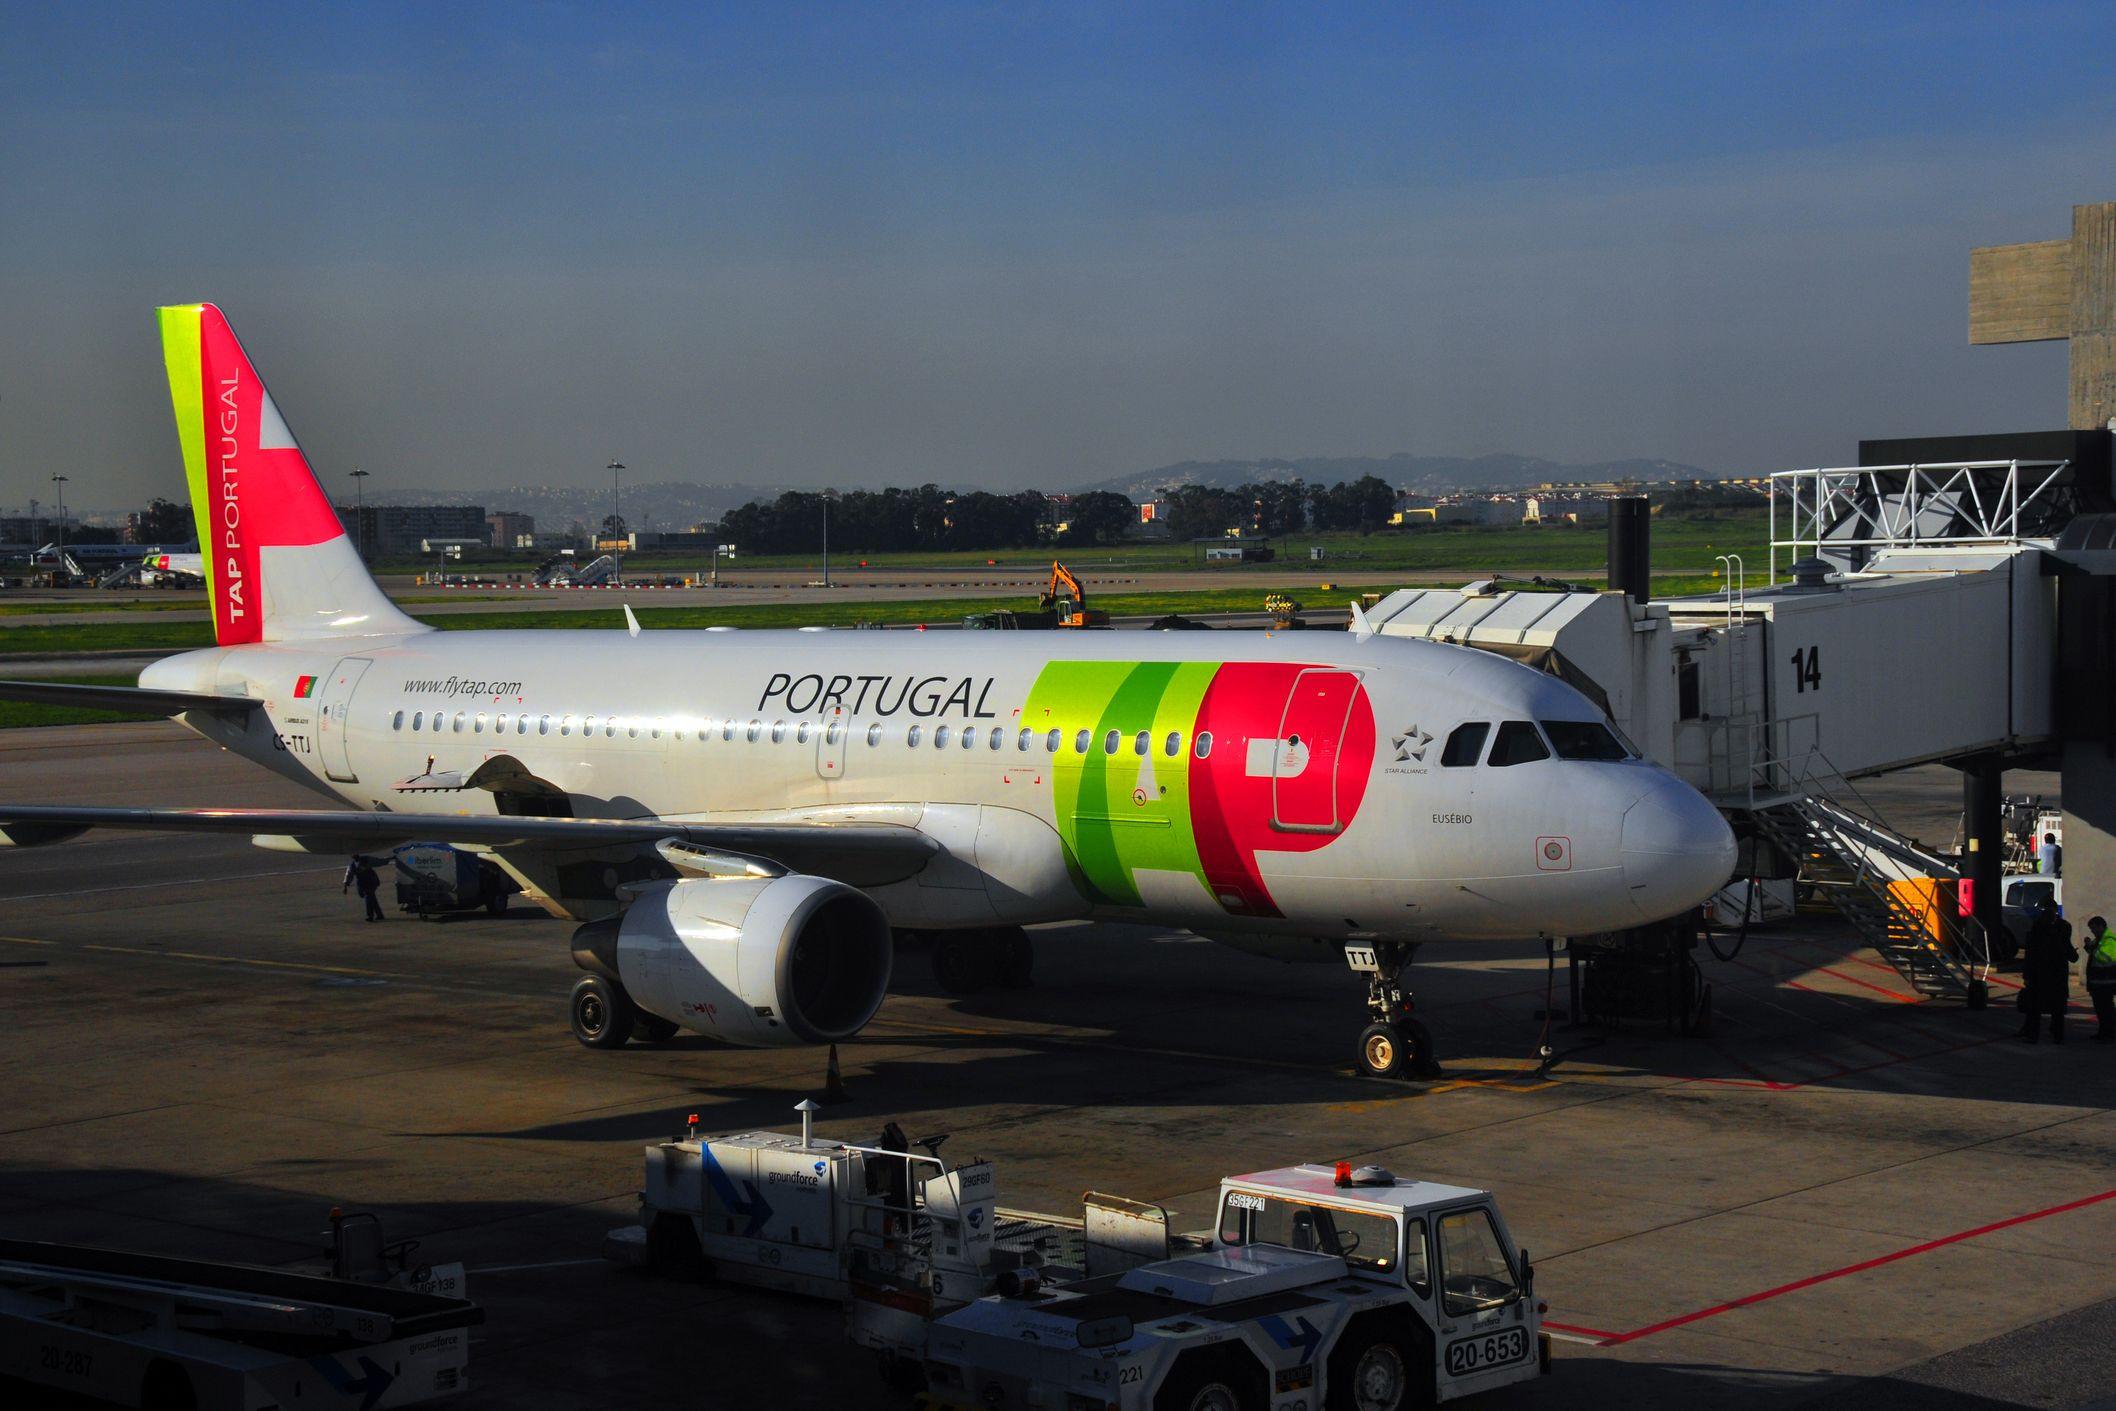 Atlantic Gateway garante que vai manter 'hub' da TAP em Lisboa